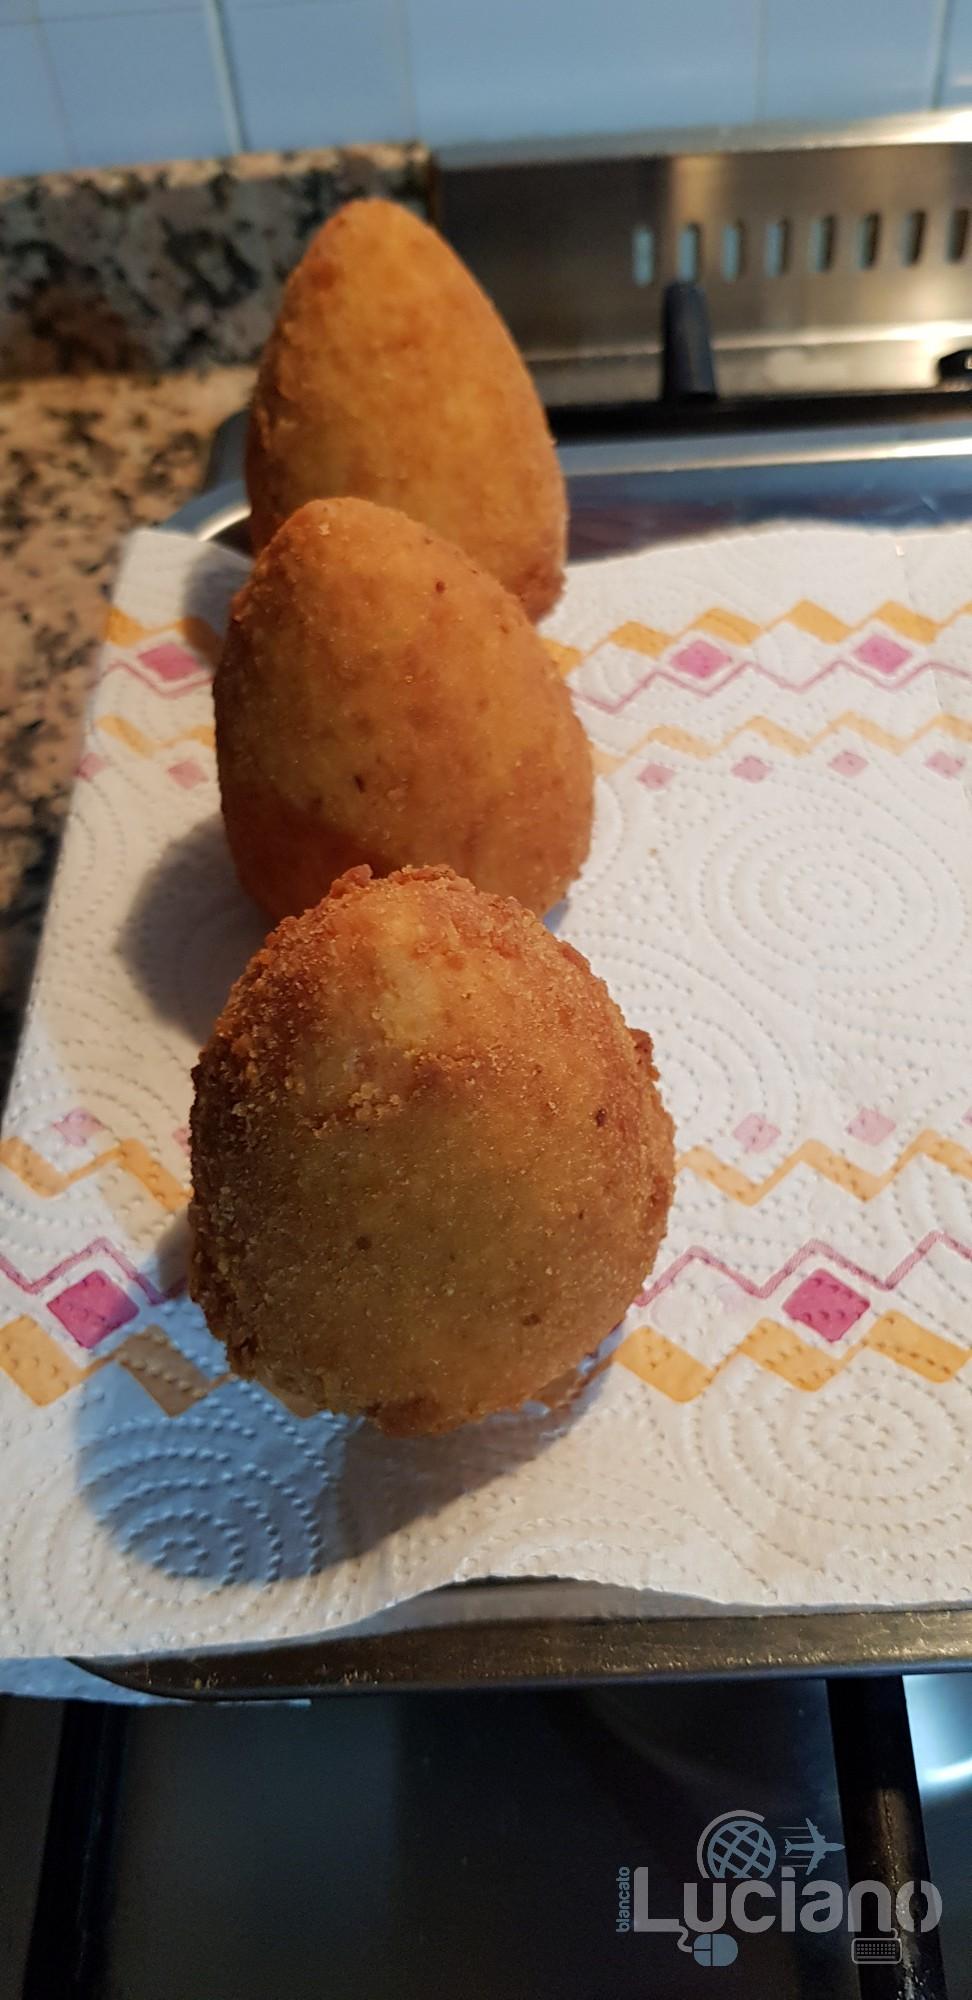 Arancini fatti in casa - Appena fritti